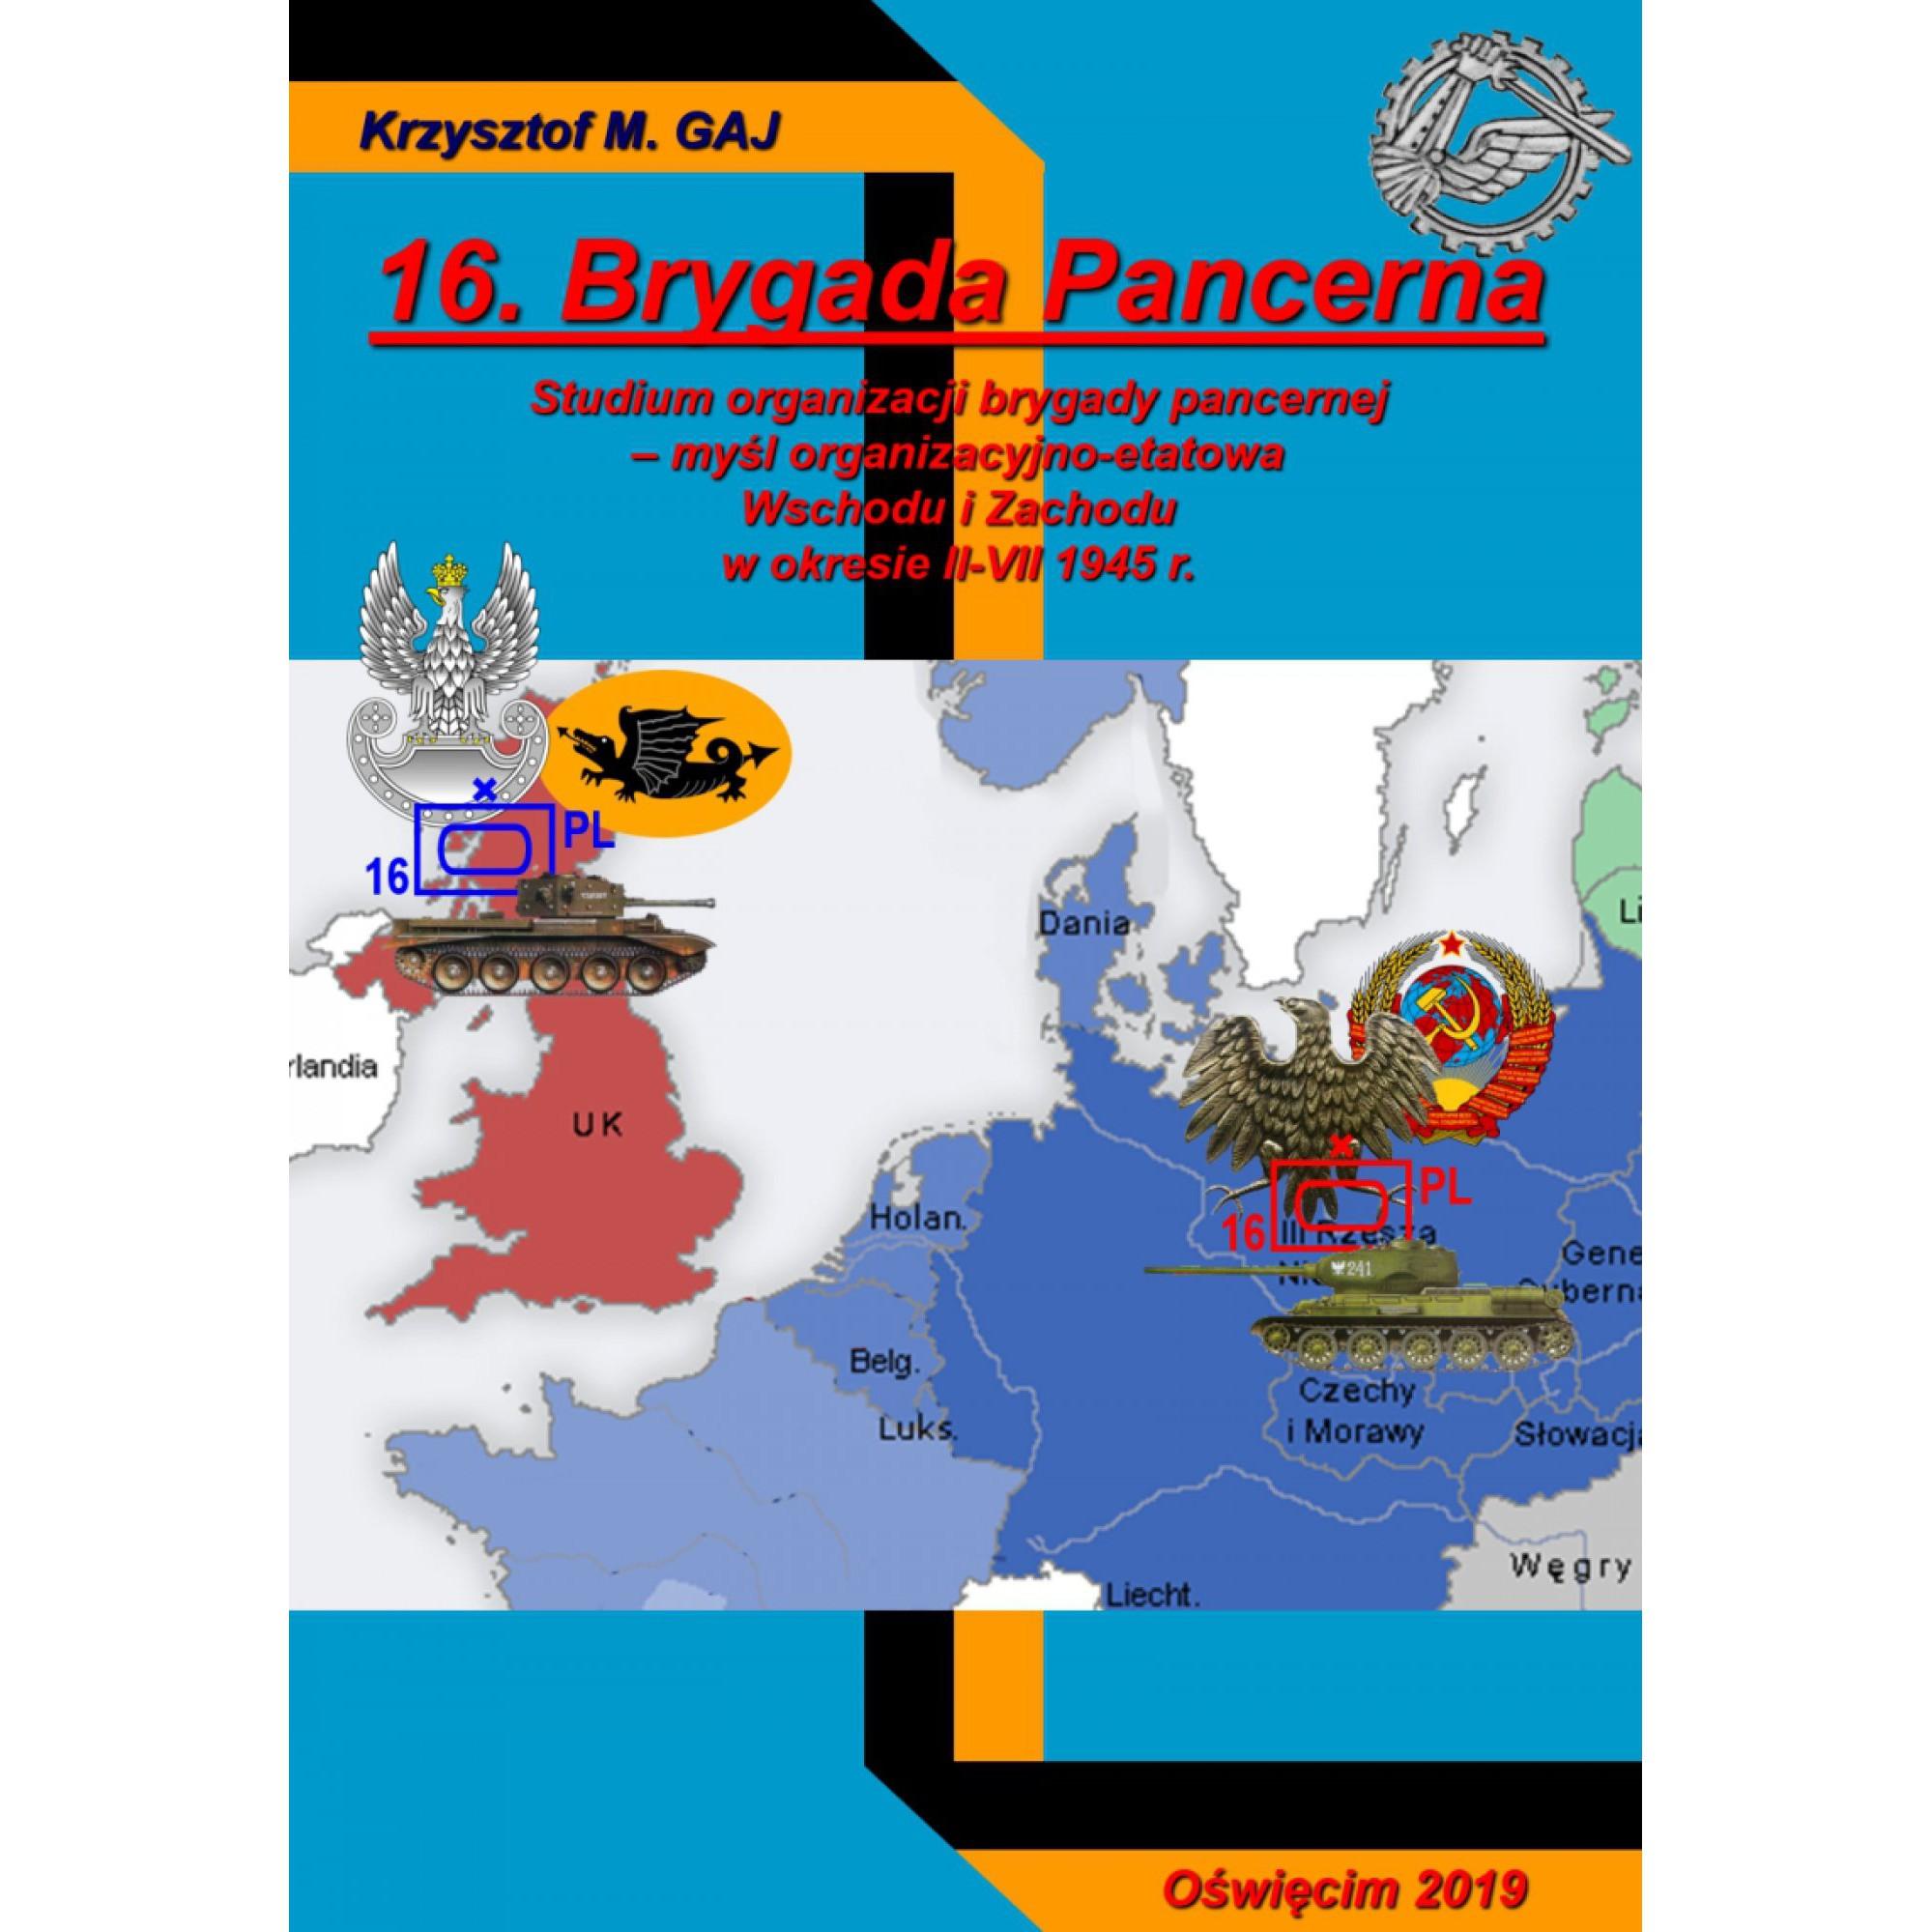 16. Brygada Pancerna (studium organizacji brygady pancernej – myśl organizacyjno-etatowa Wschodu i Zachodu w okresie II-VII 1945 r.)